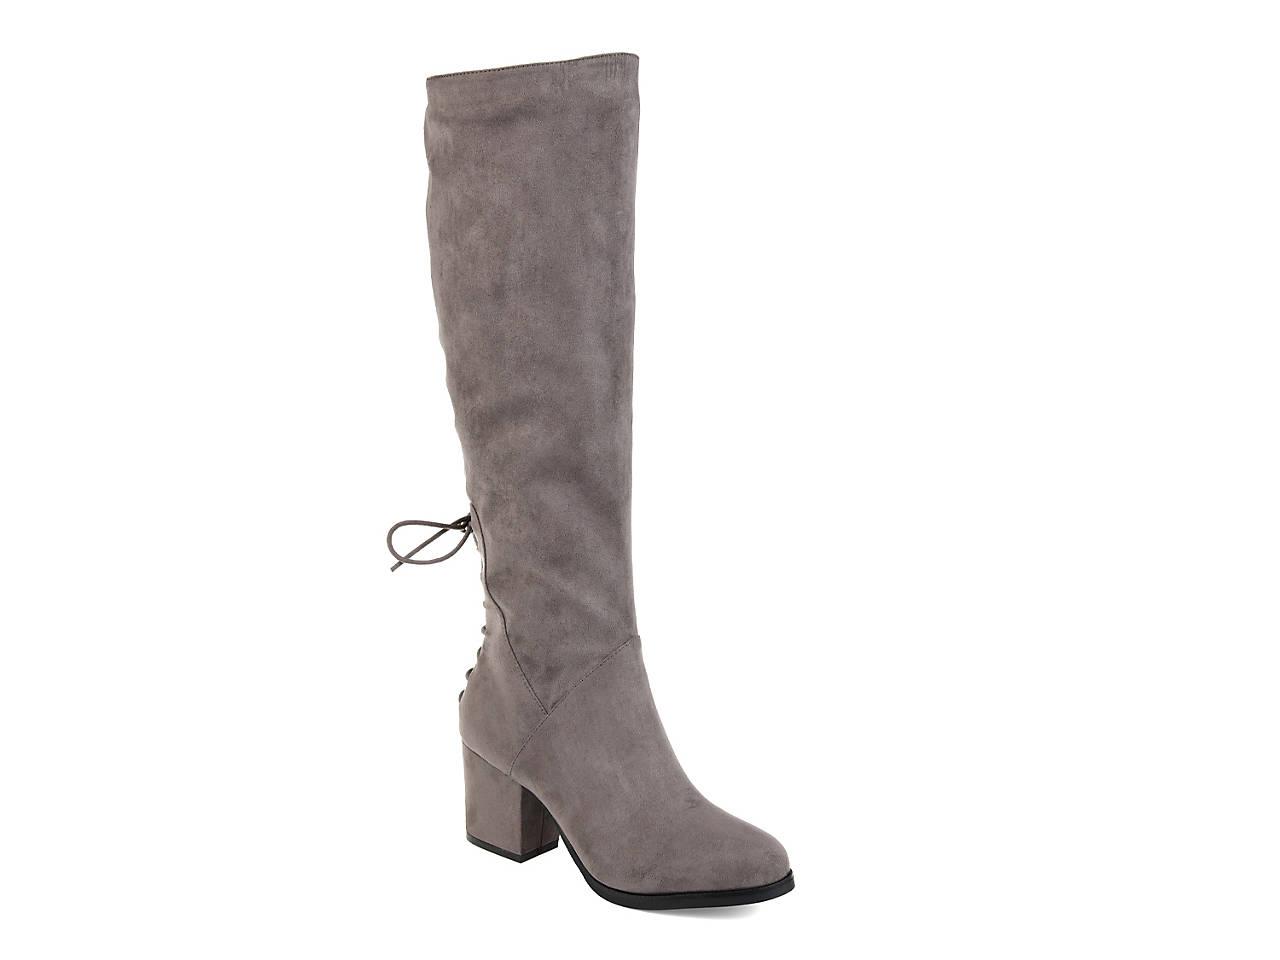 f3f936c1b59b2 Journee Collection Leeda Wide Calf Boot Women's Shoes | DSW